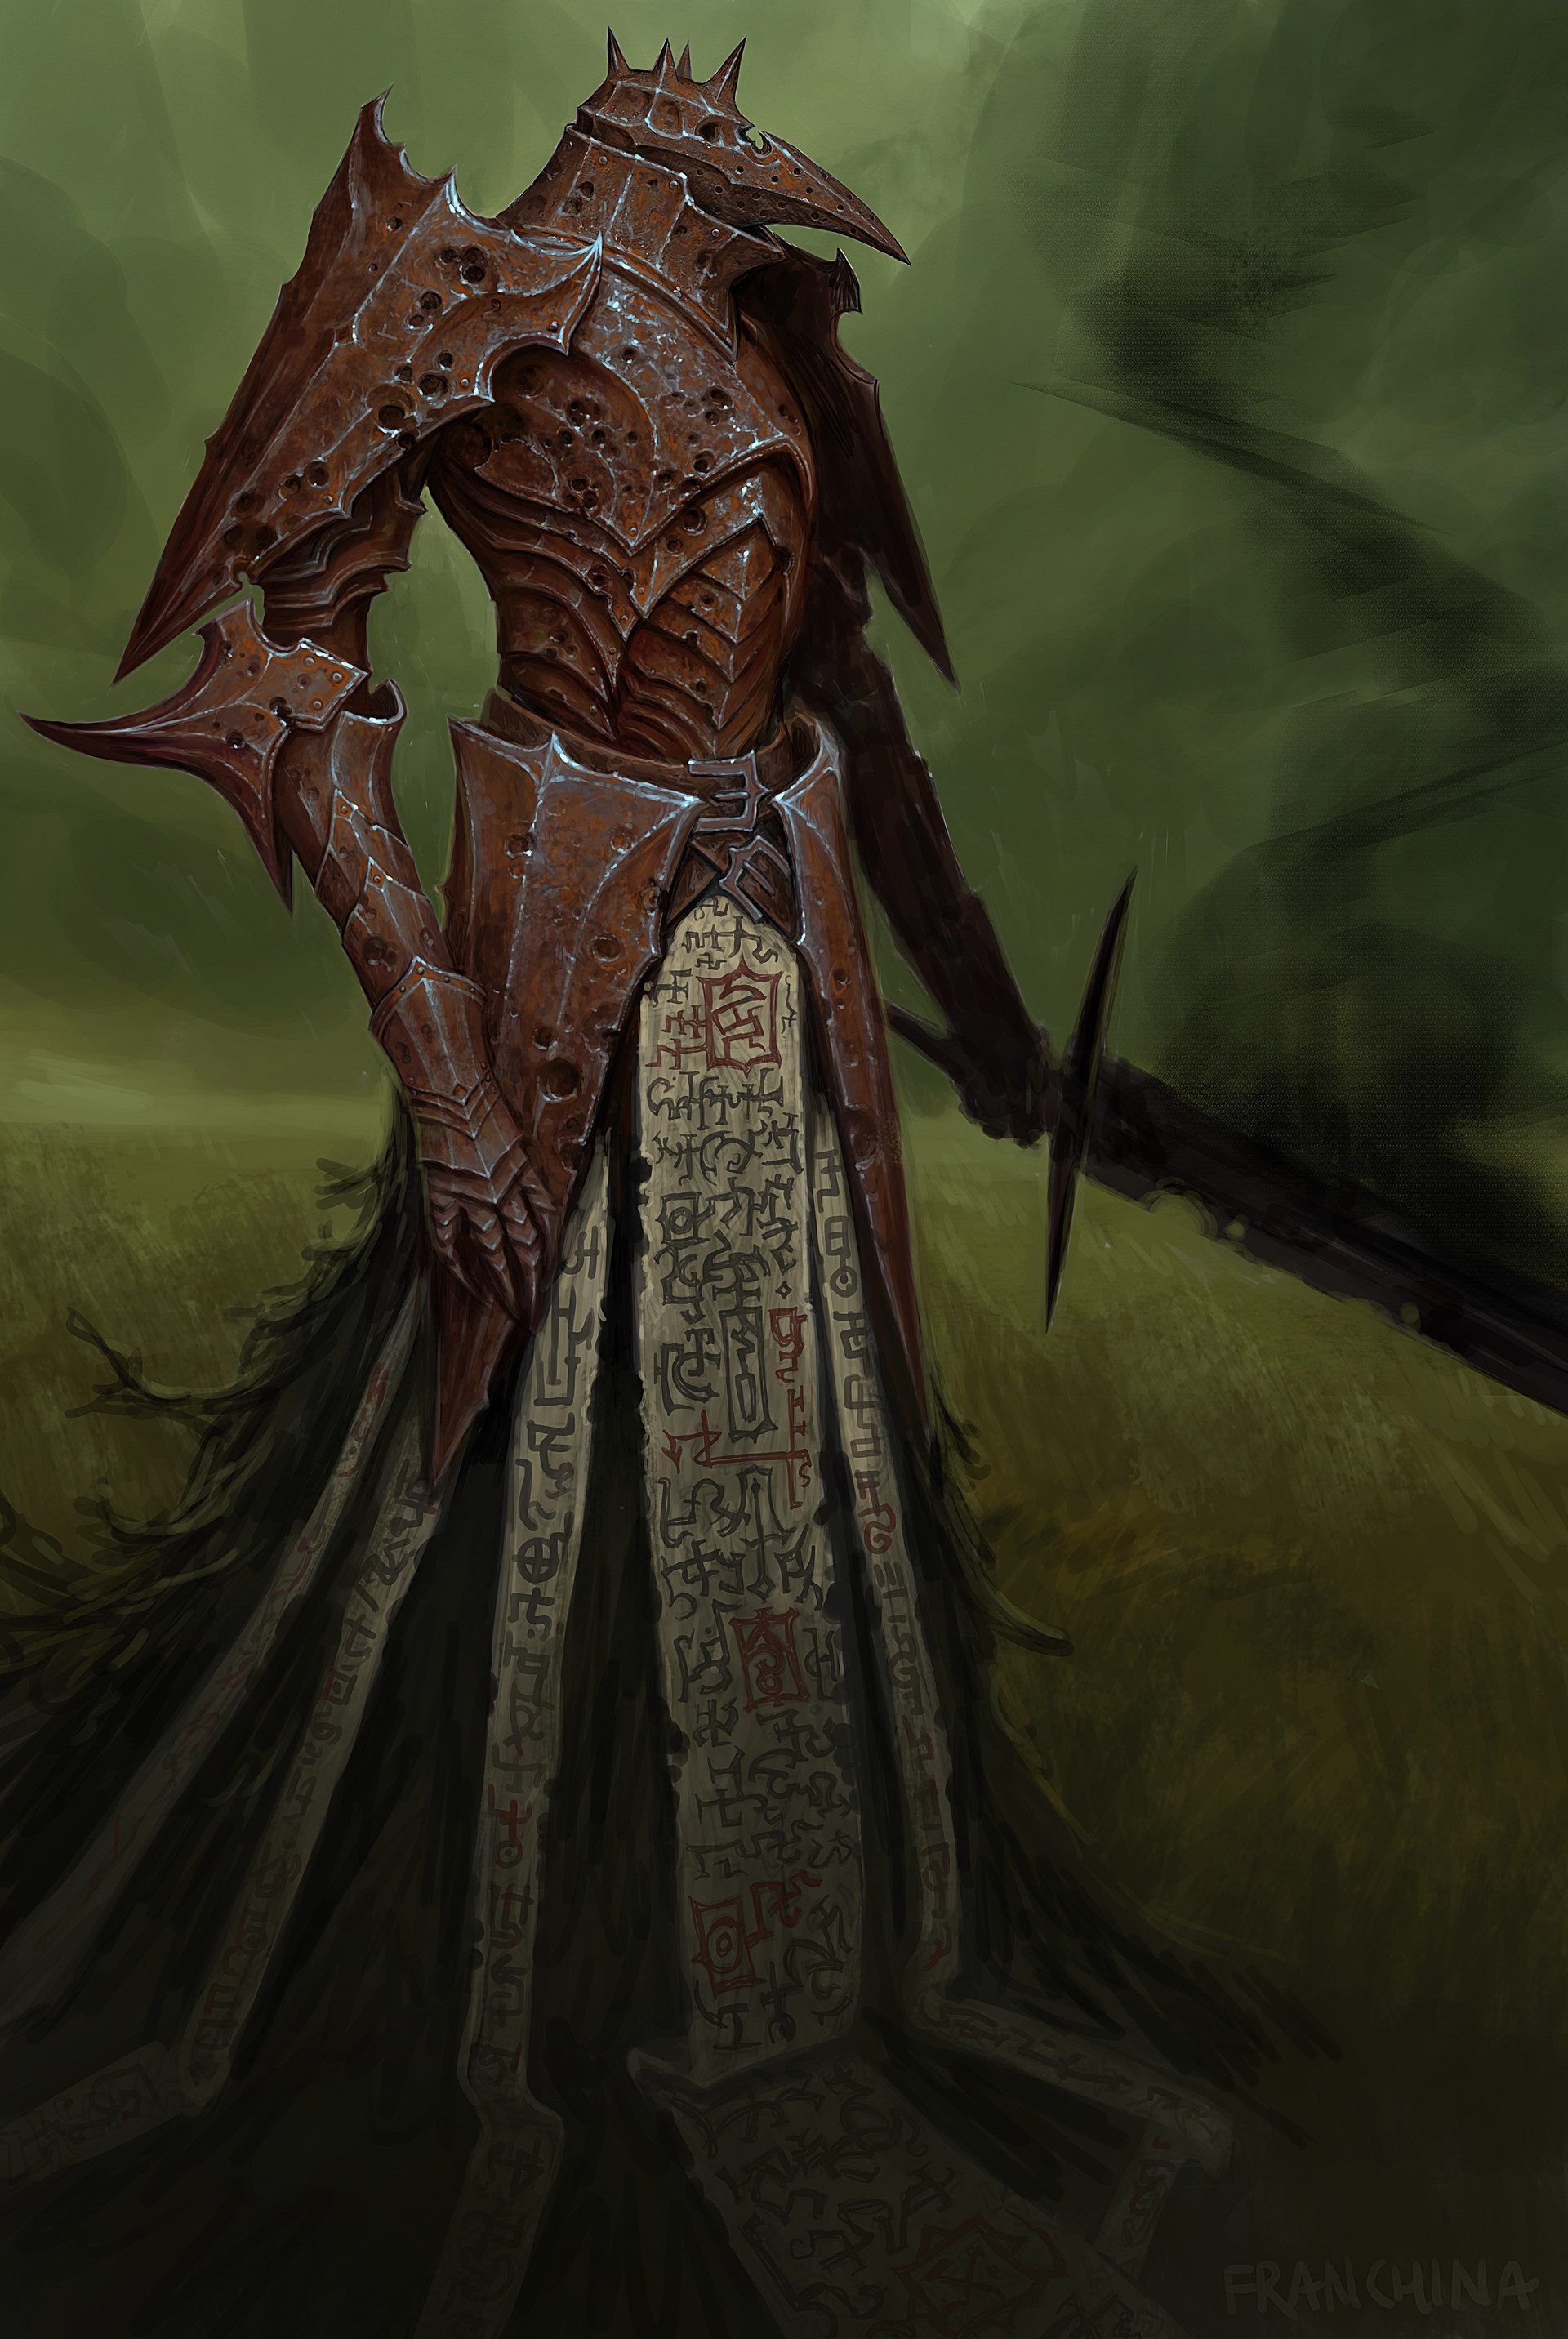 ArtStation - ., zt Liu | Dark fantasy art, Dark fantasy